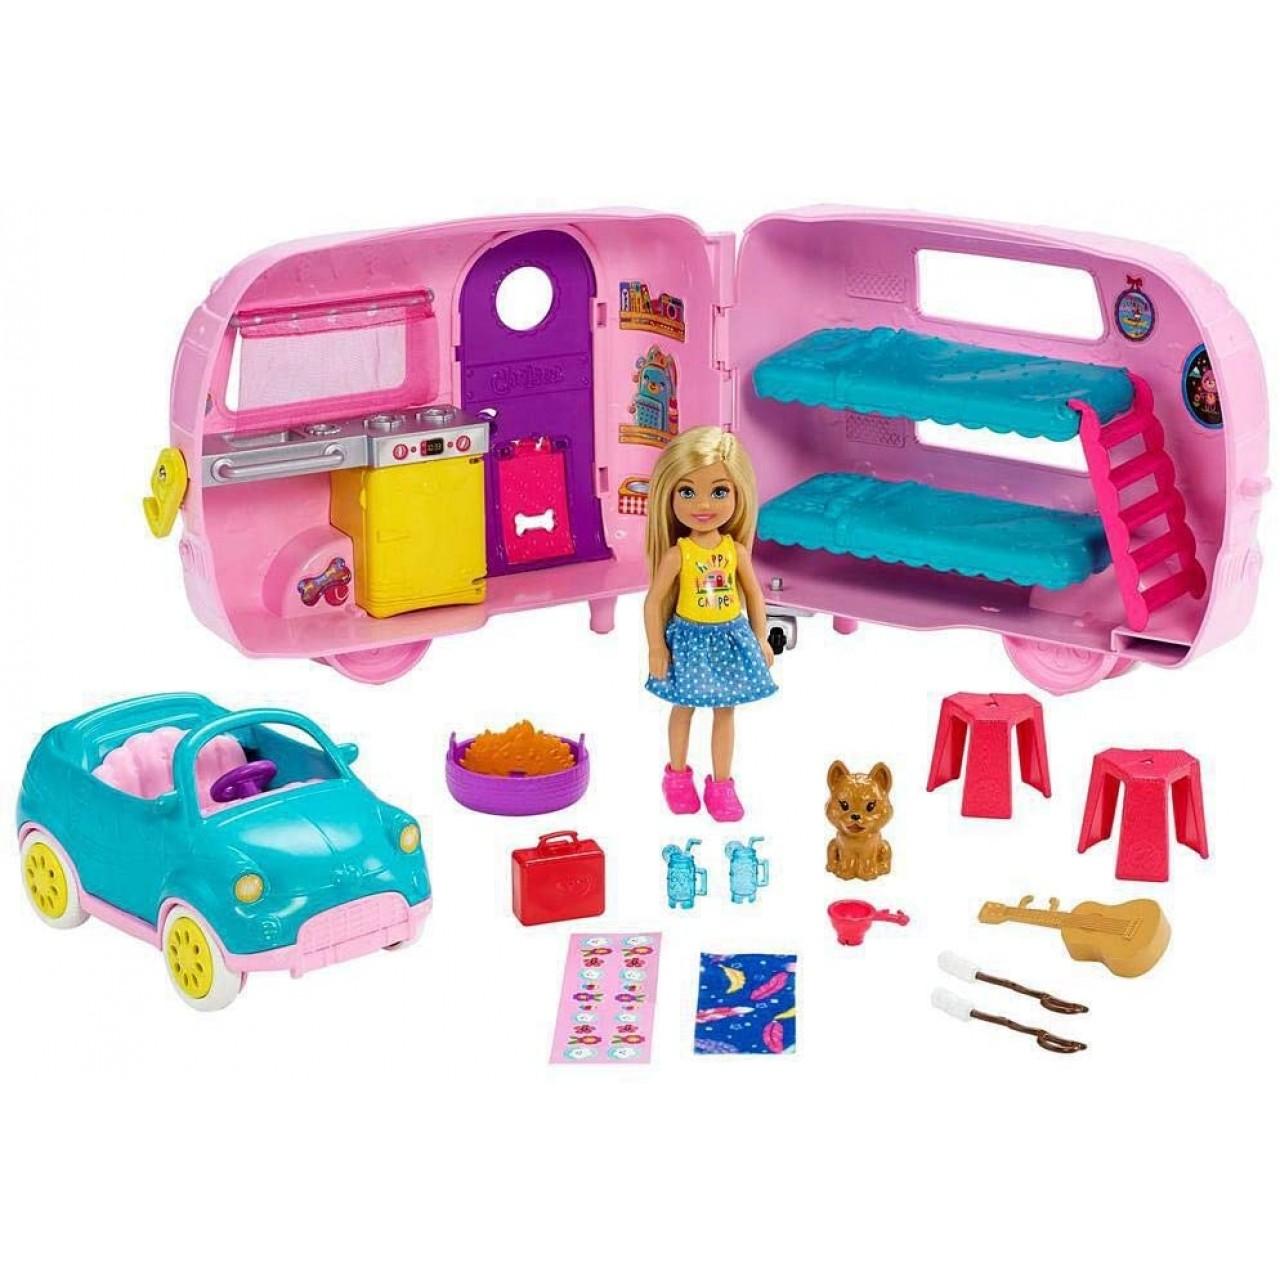 Ігровий набір Барбі Челсі кемпер (FXG90) від Mattel Barbie Chelsea Camper